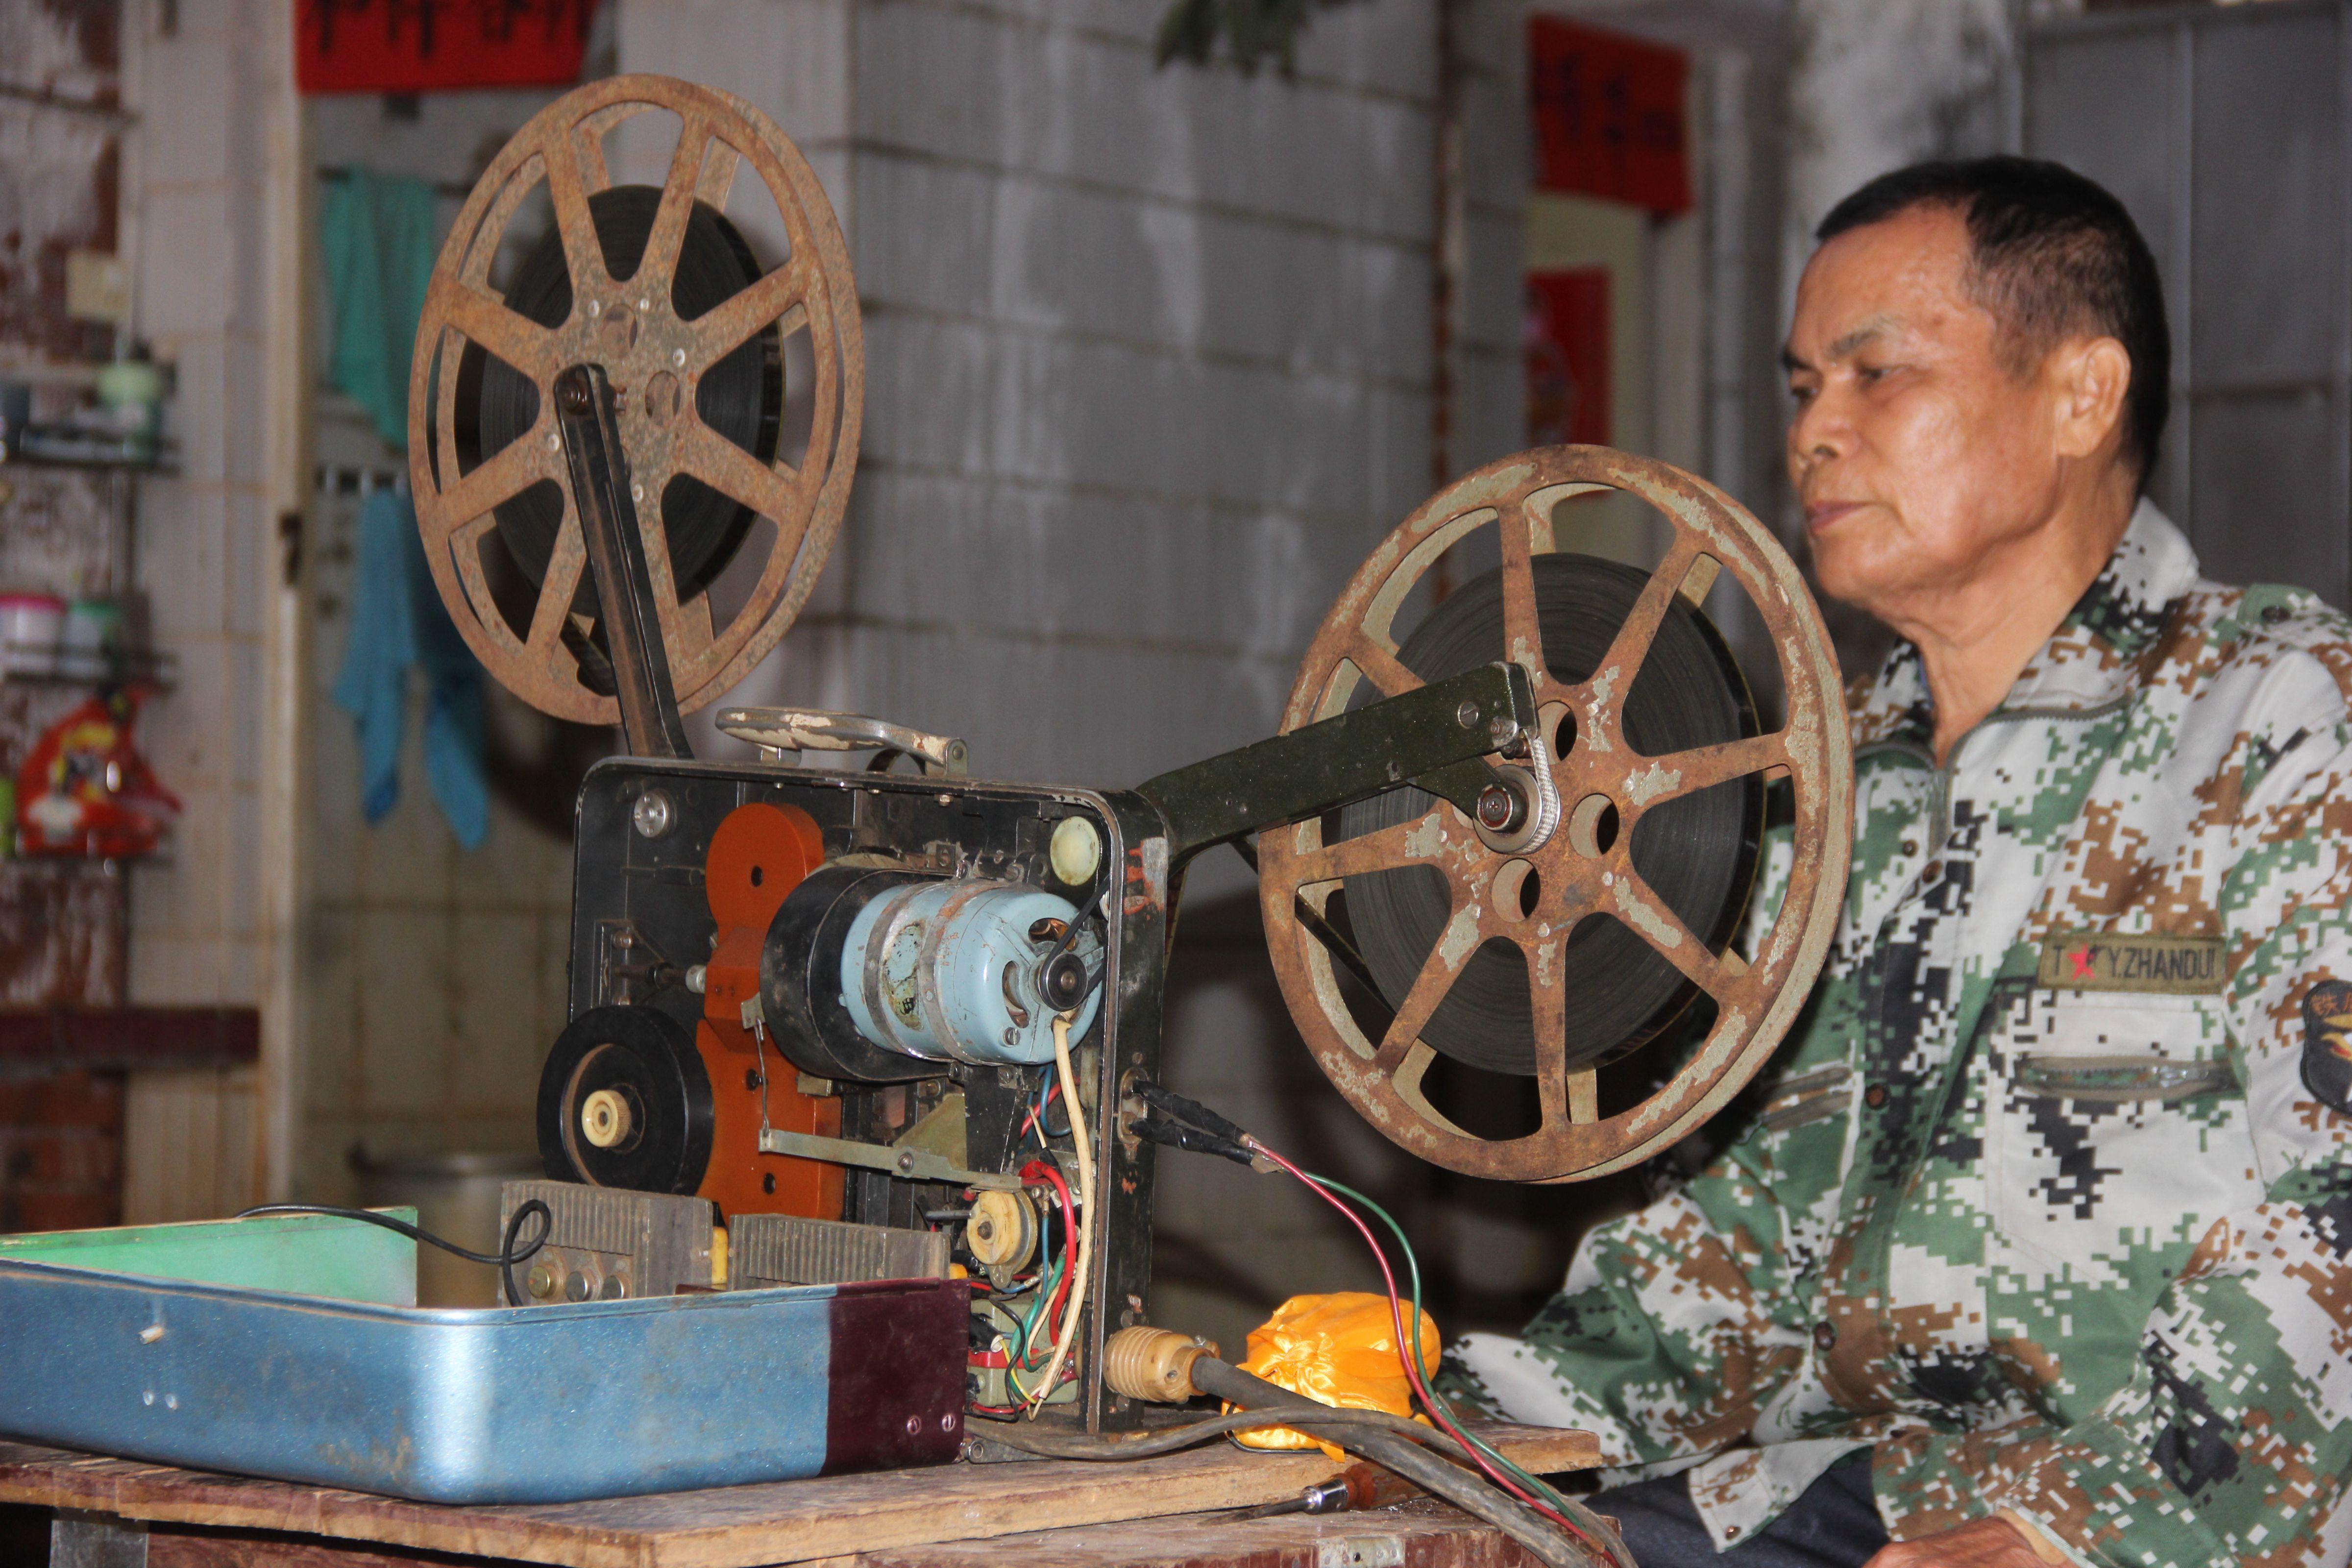 冯宏清:高级放映员,默默守候乡村电影传播廿八载